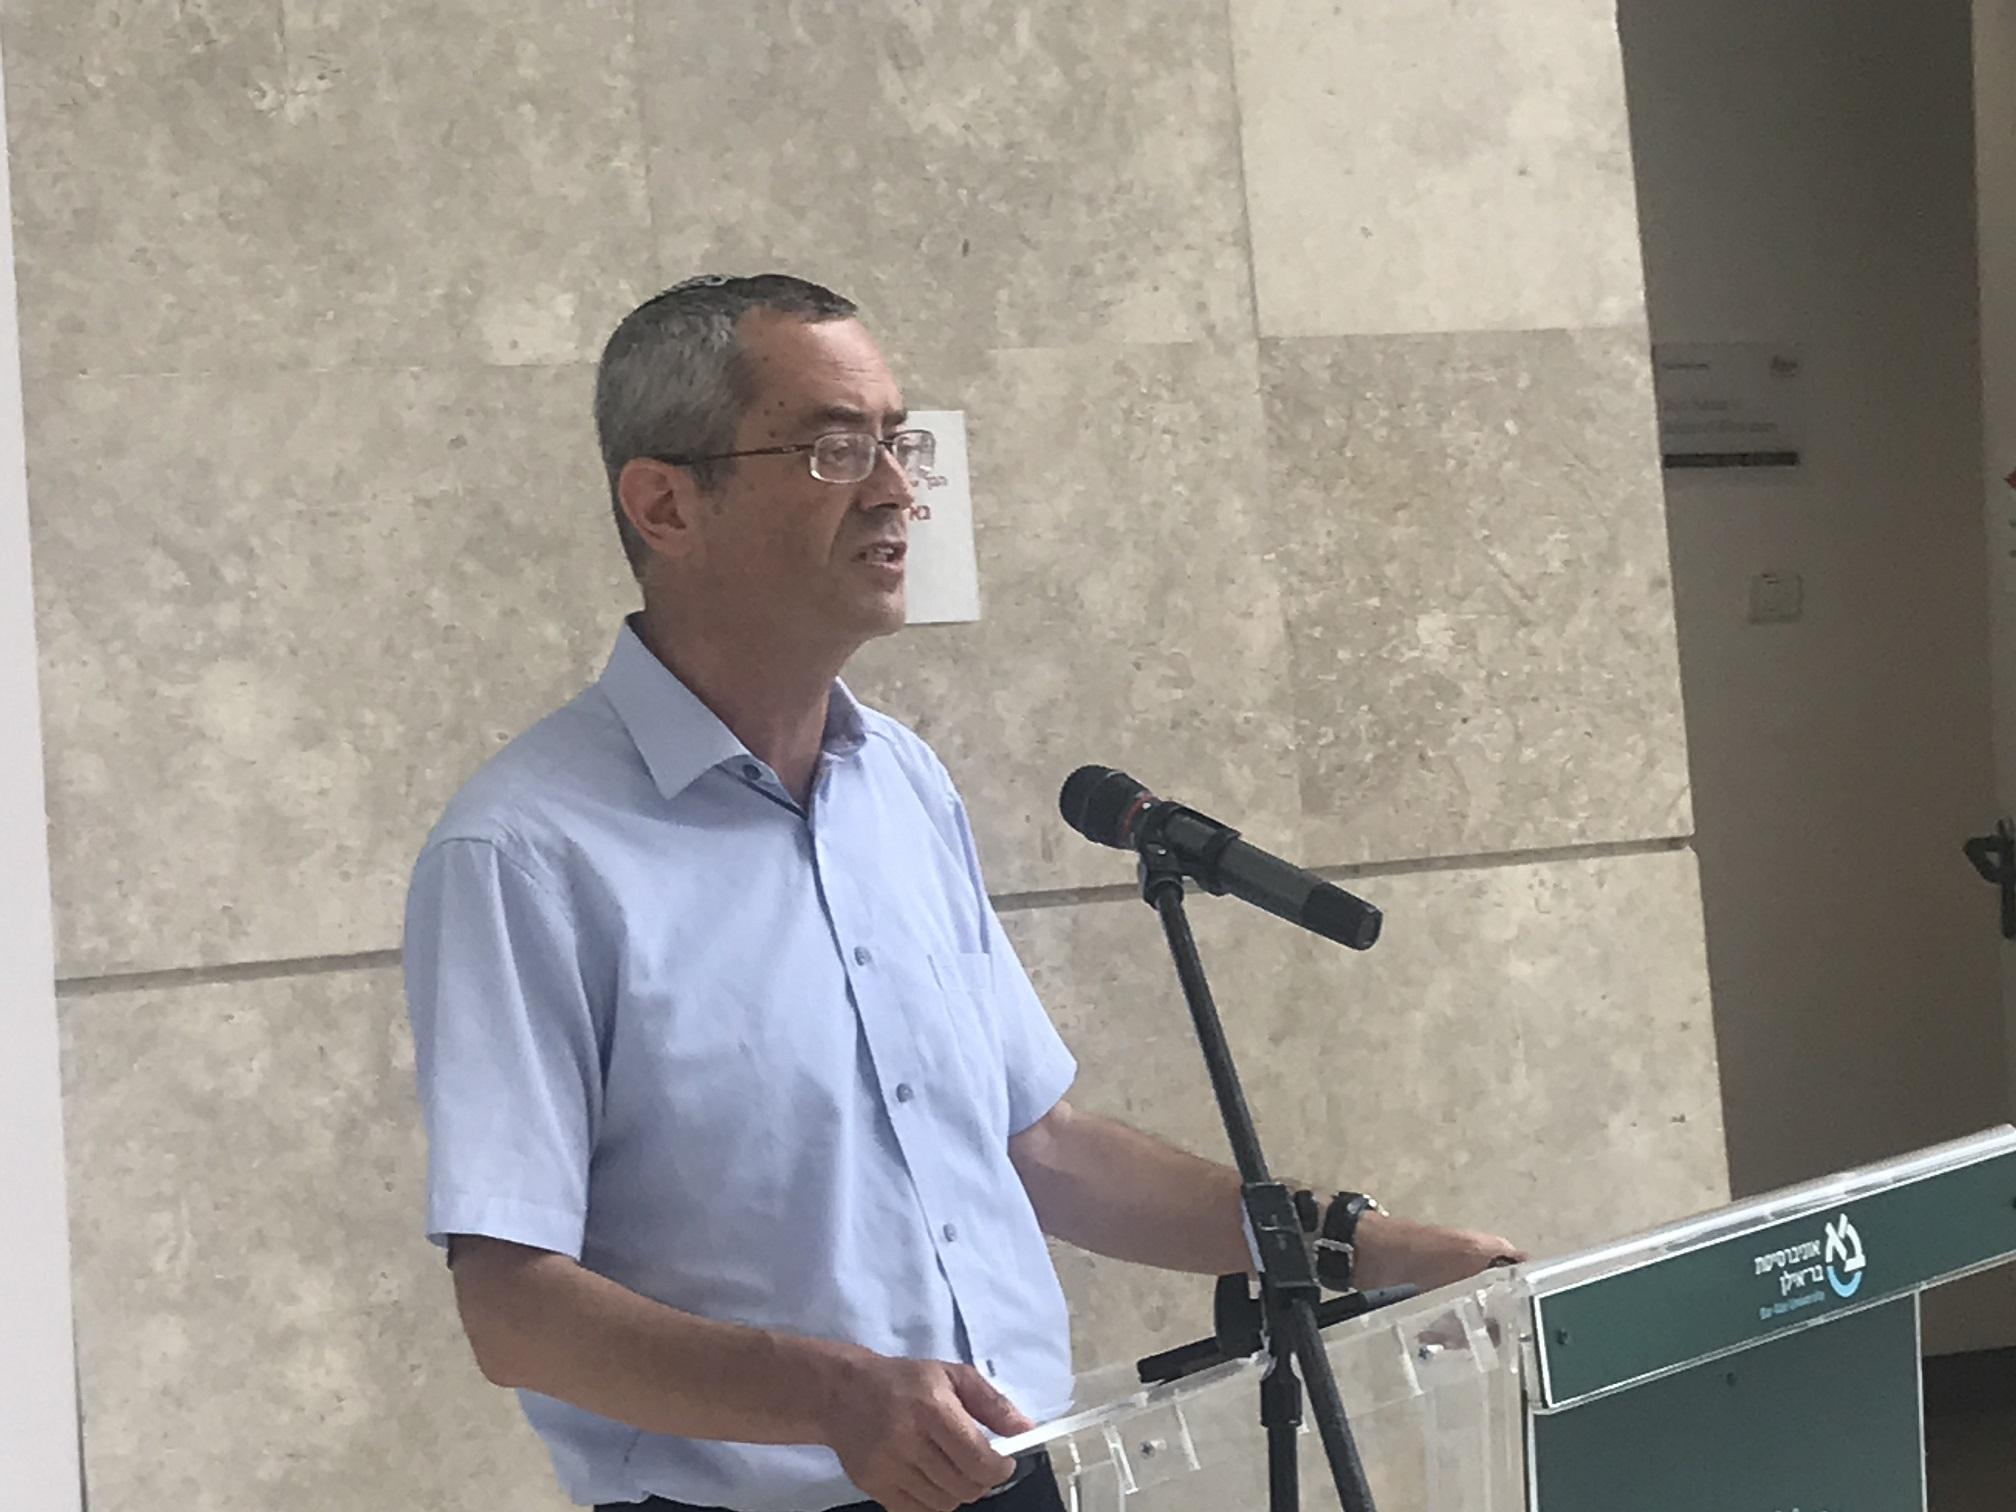 ראש המכון לננוטכנולוגיה וחומרים מתקדמים באוניברסיטת בר אילן פרופ' דרור פיקסלר בפתיחת מוזיאון ננו. צילום: אבי בליזובסקי